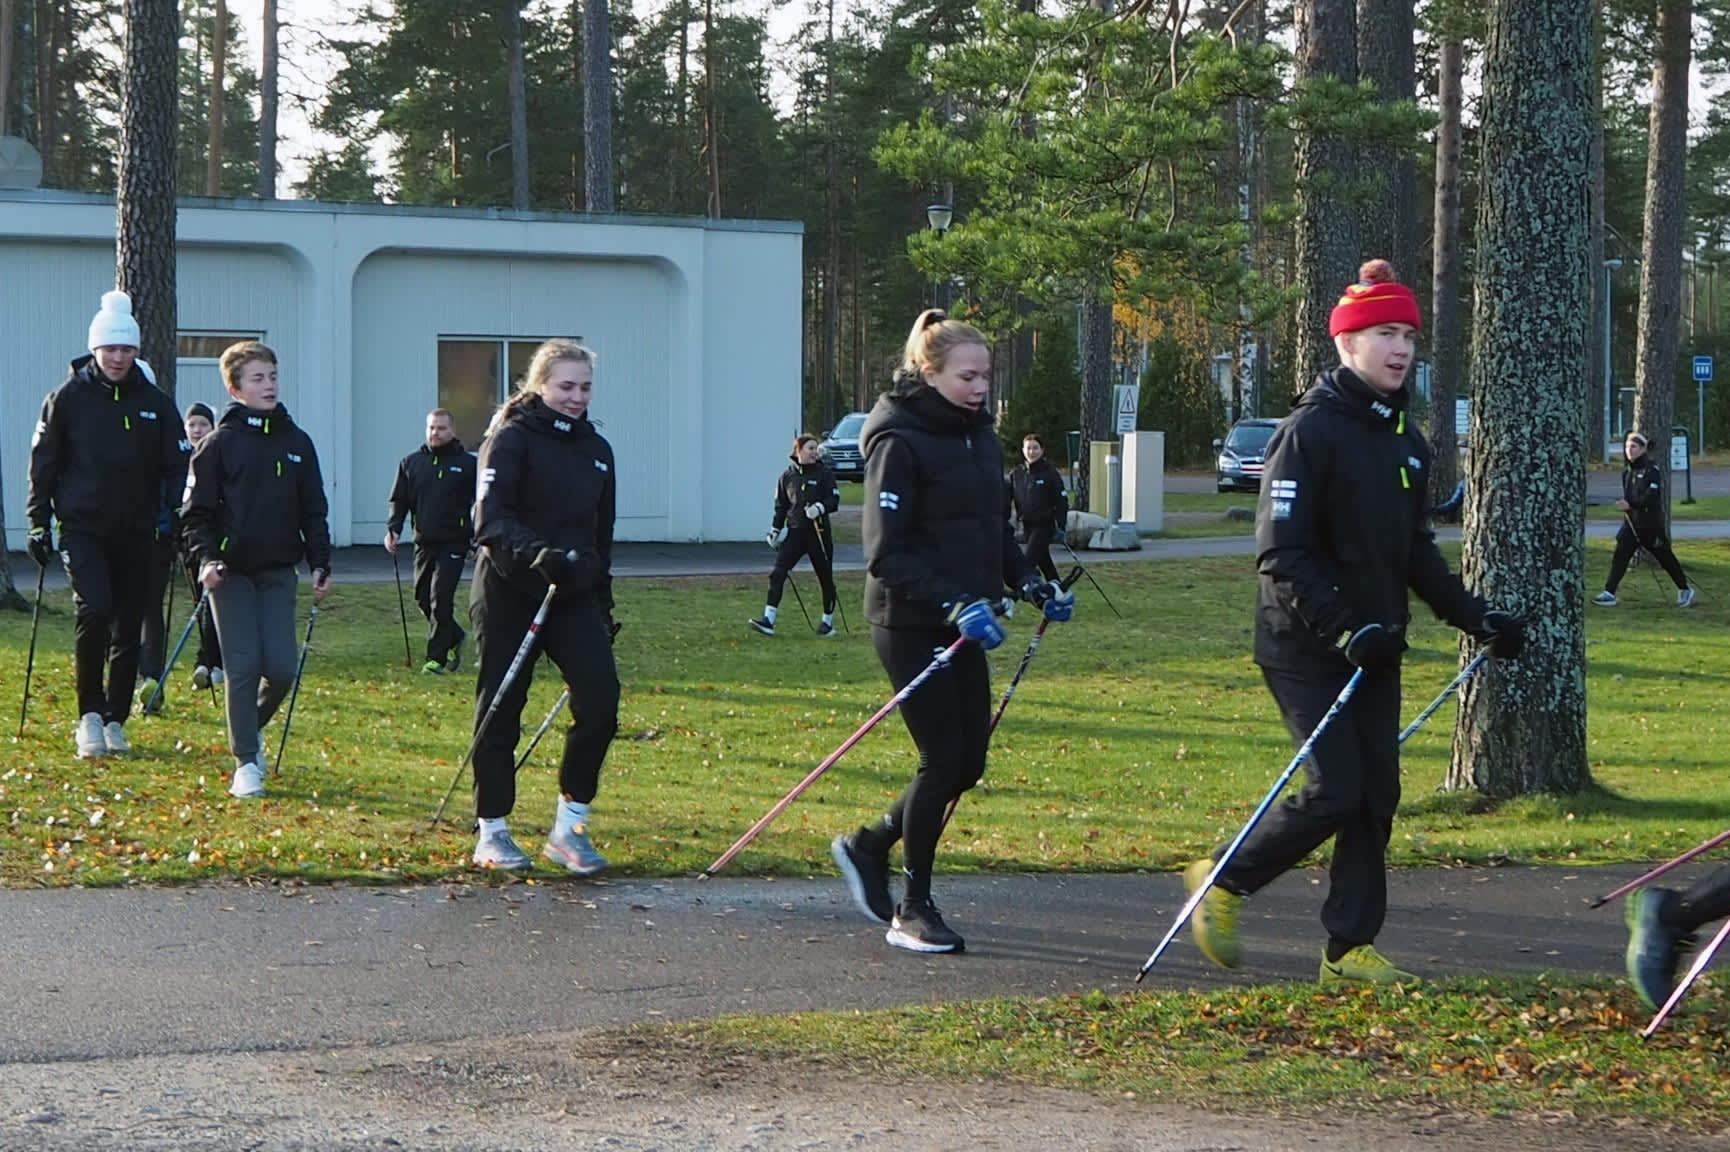 Korona-aika sai suomalaiset jälleen innostumaan sauvakävelystä: ota tästä vinkit hyvään tekniikkaan